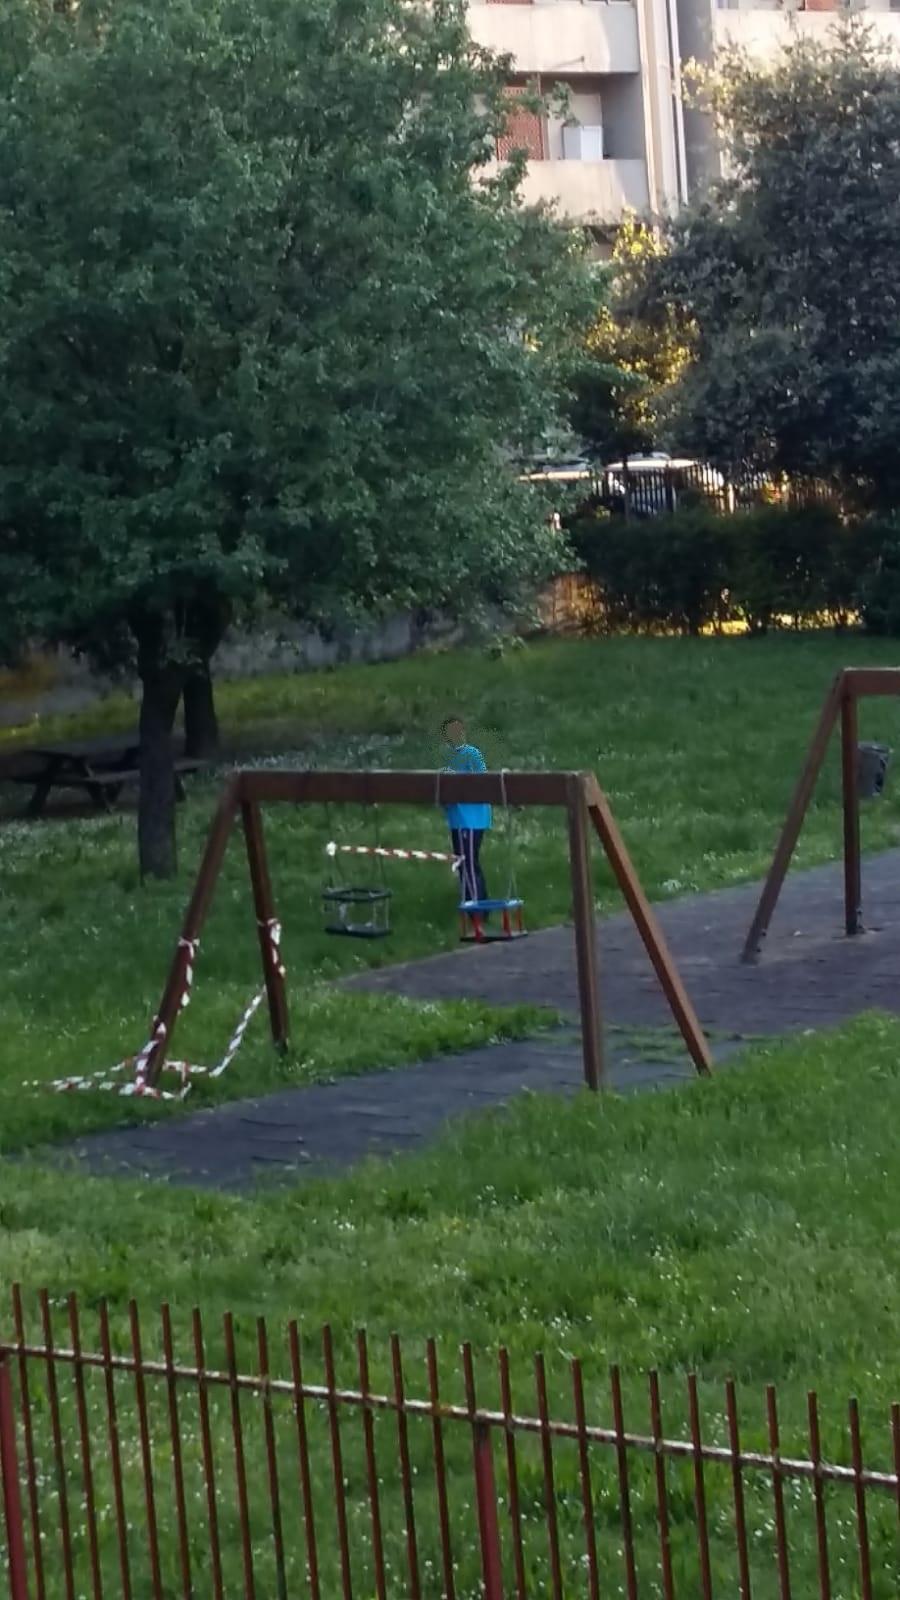 I nastri messi per impedire l'accesso alle altalene vengono strappati per far giocare i bambini nonostante il rischio di contagio